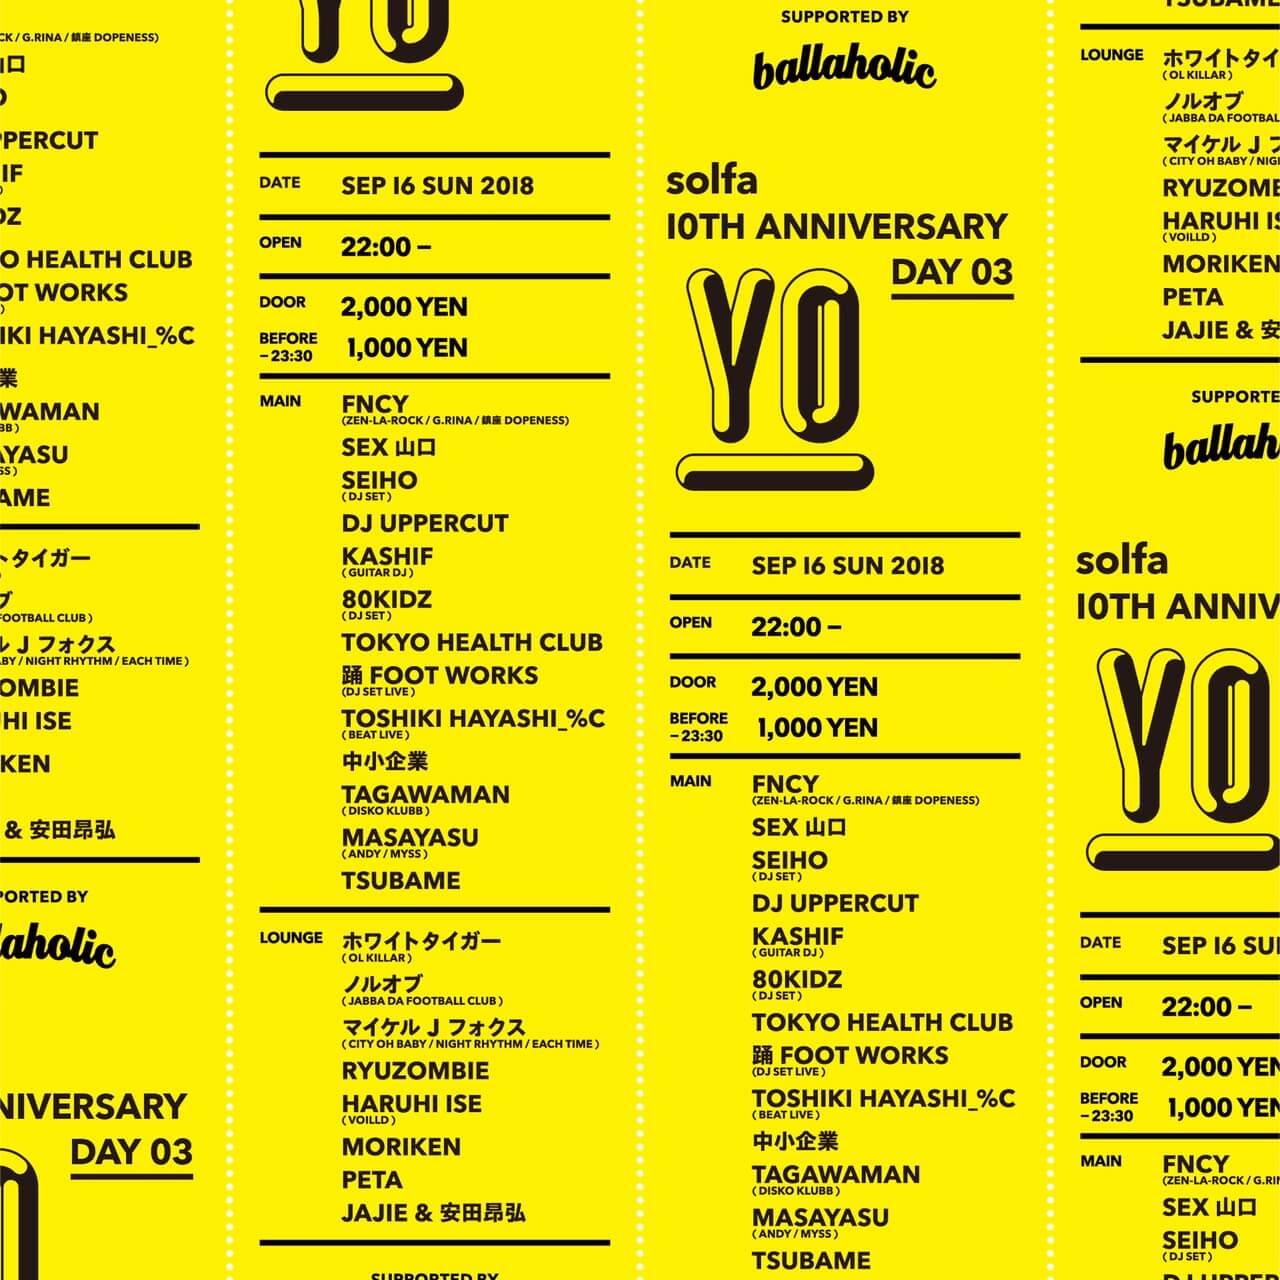 中目黒solfaの10周年アニバーサリーイベントが4日間に渡り開催|FNCYやGonno、OLIVE OIL、Chilly Sourceらが登場 music180906-solfa-10th-anniversary-6